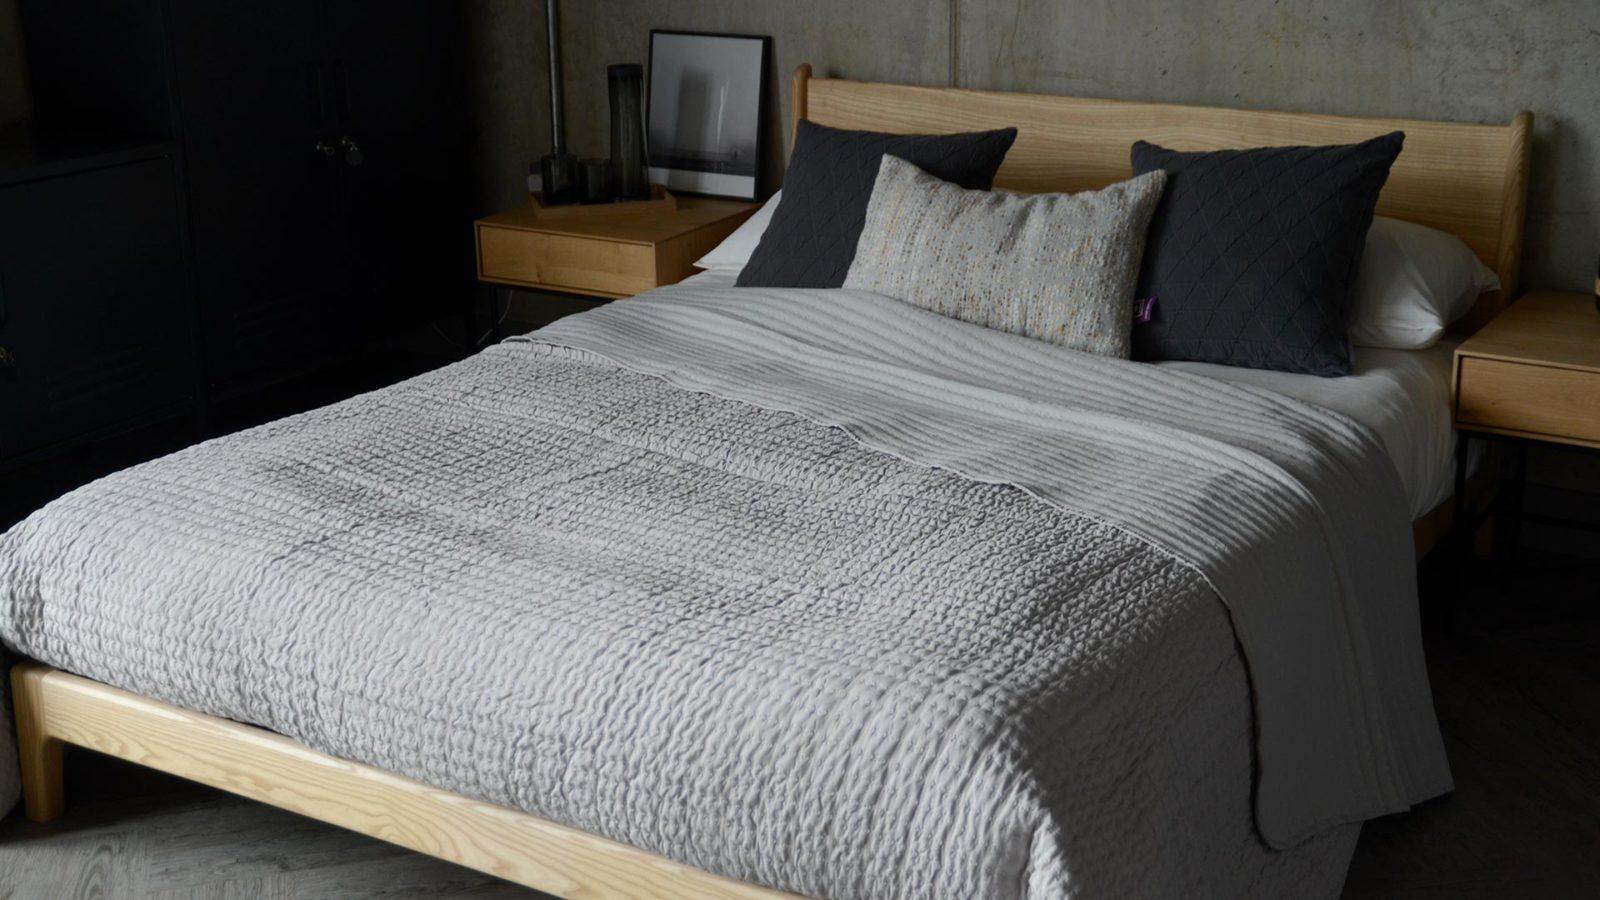 seersucker bedspread in grey